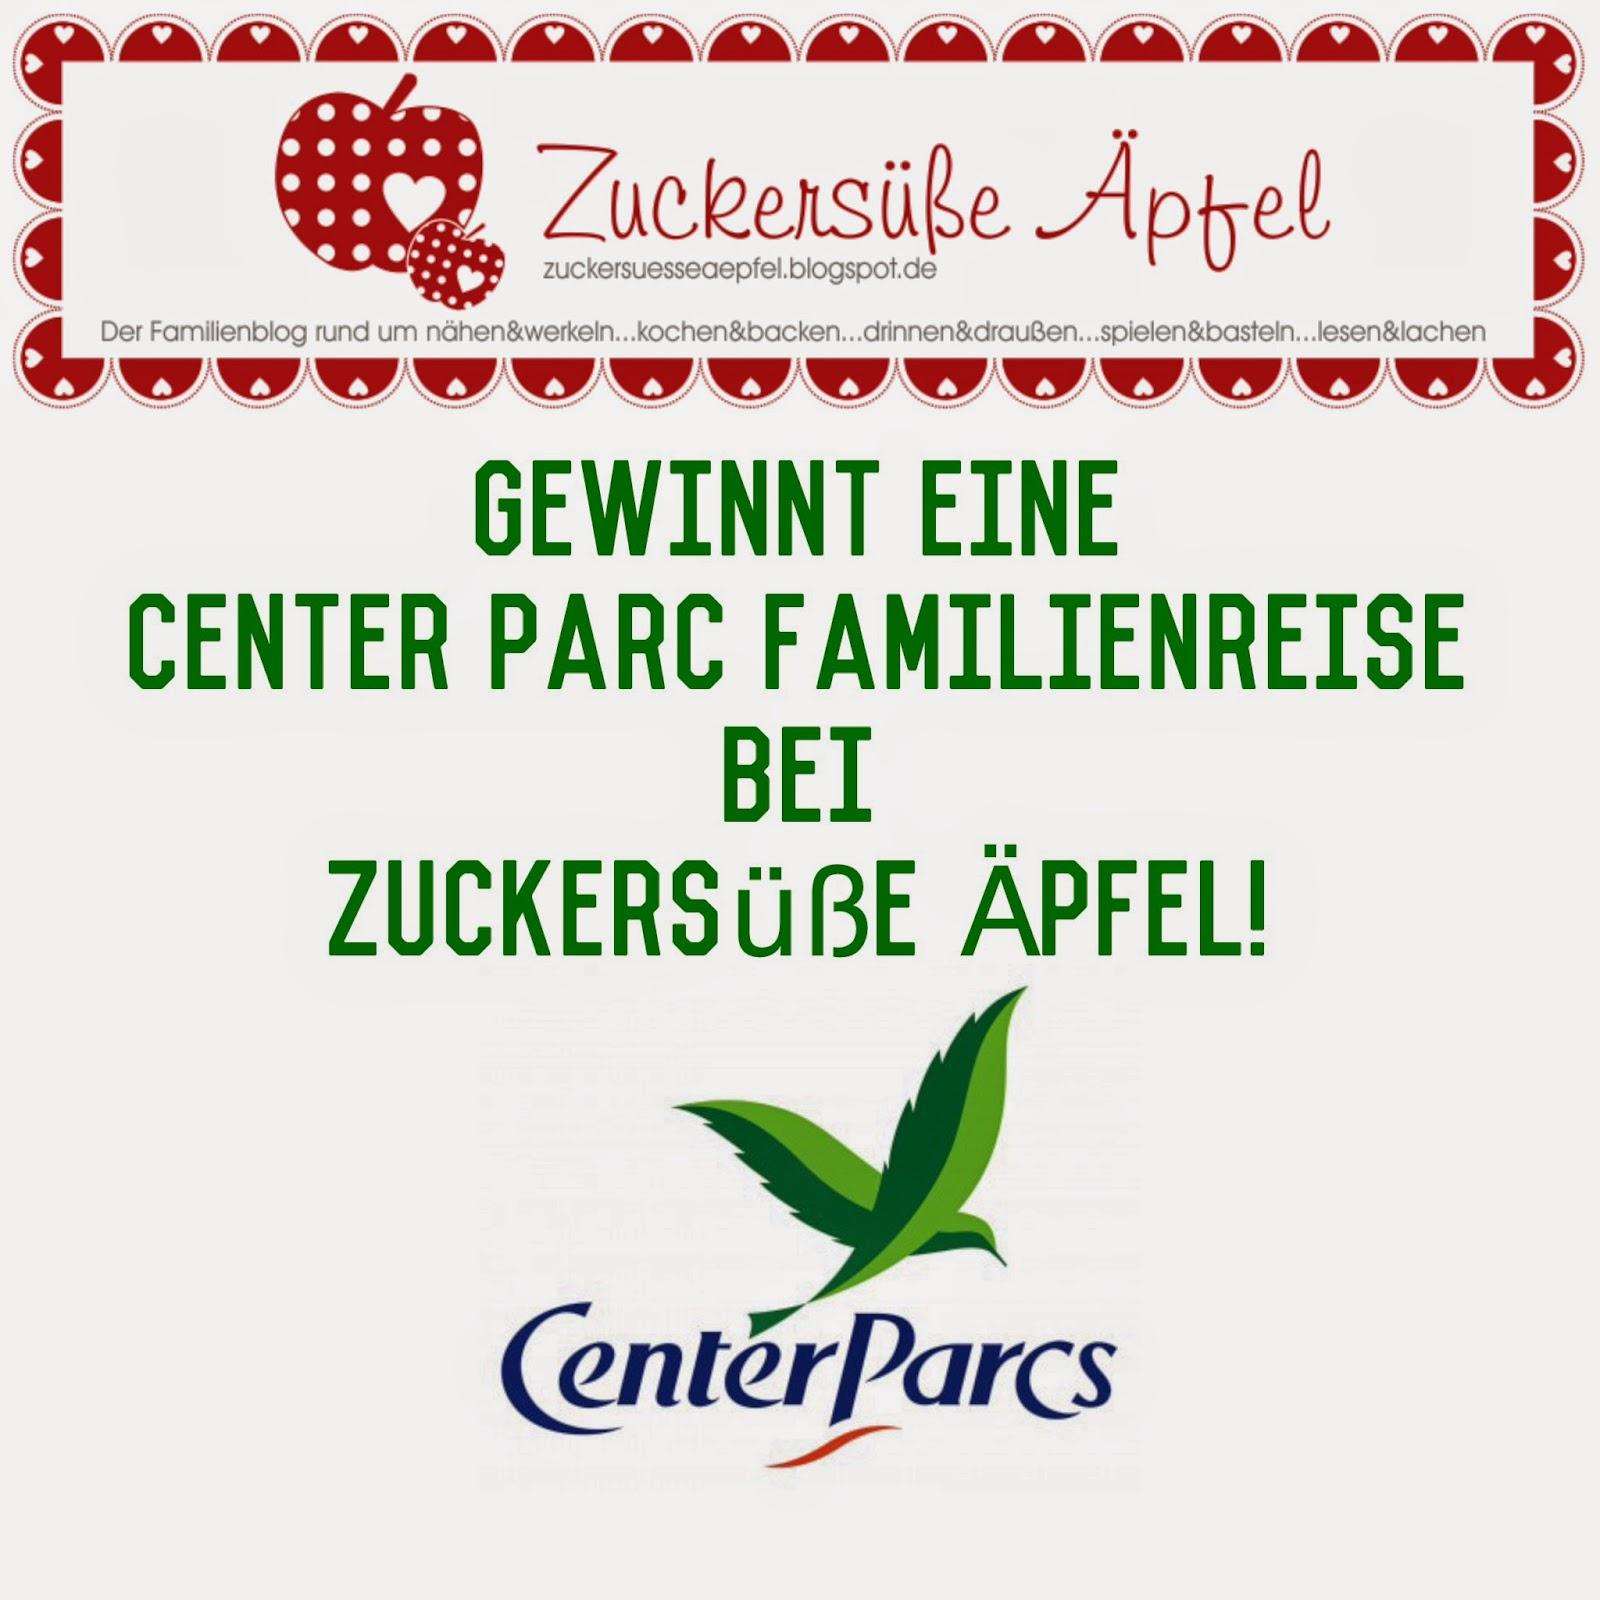 zuckersuesseaepfel.blogspot.de/2014/11/gewinnt-eine-supertolle-center-parcs.html